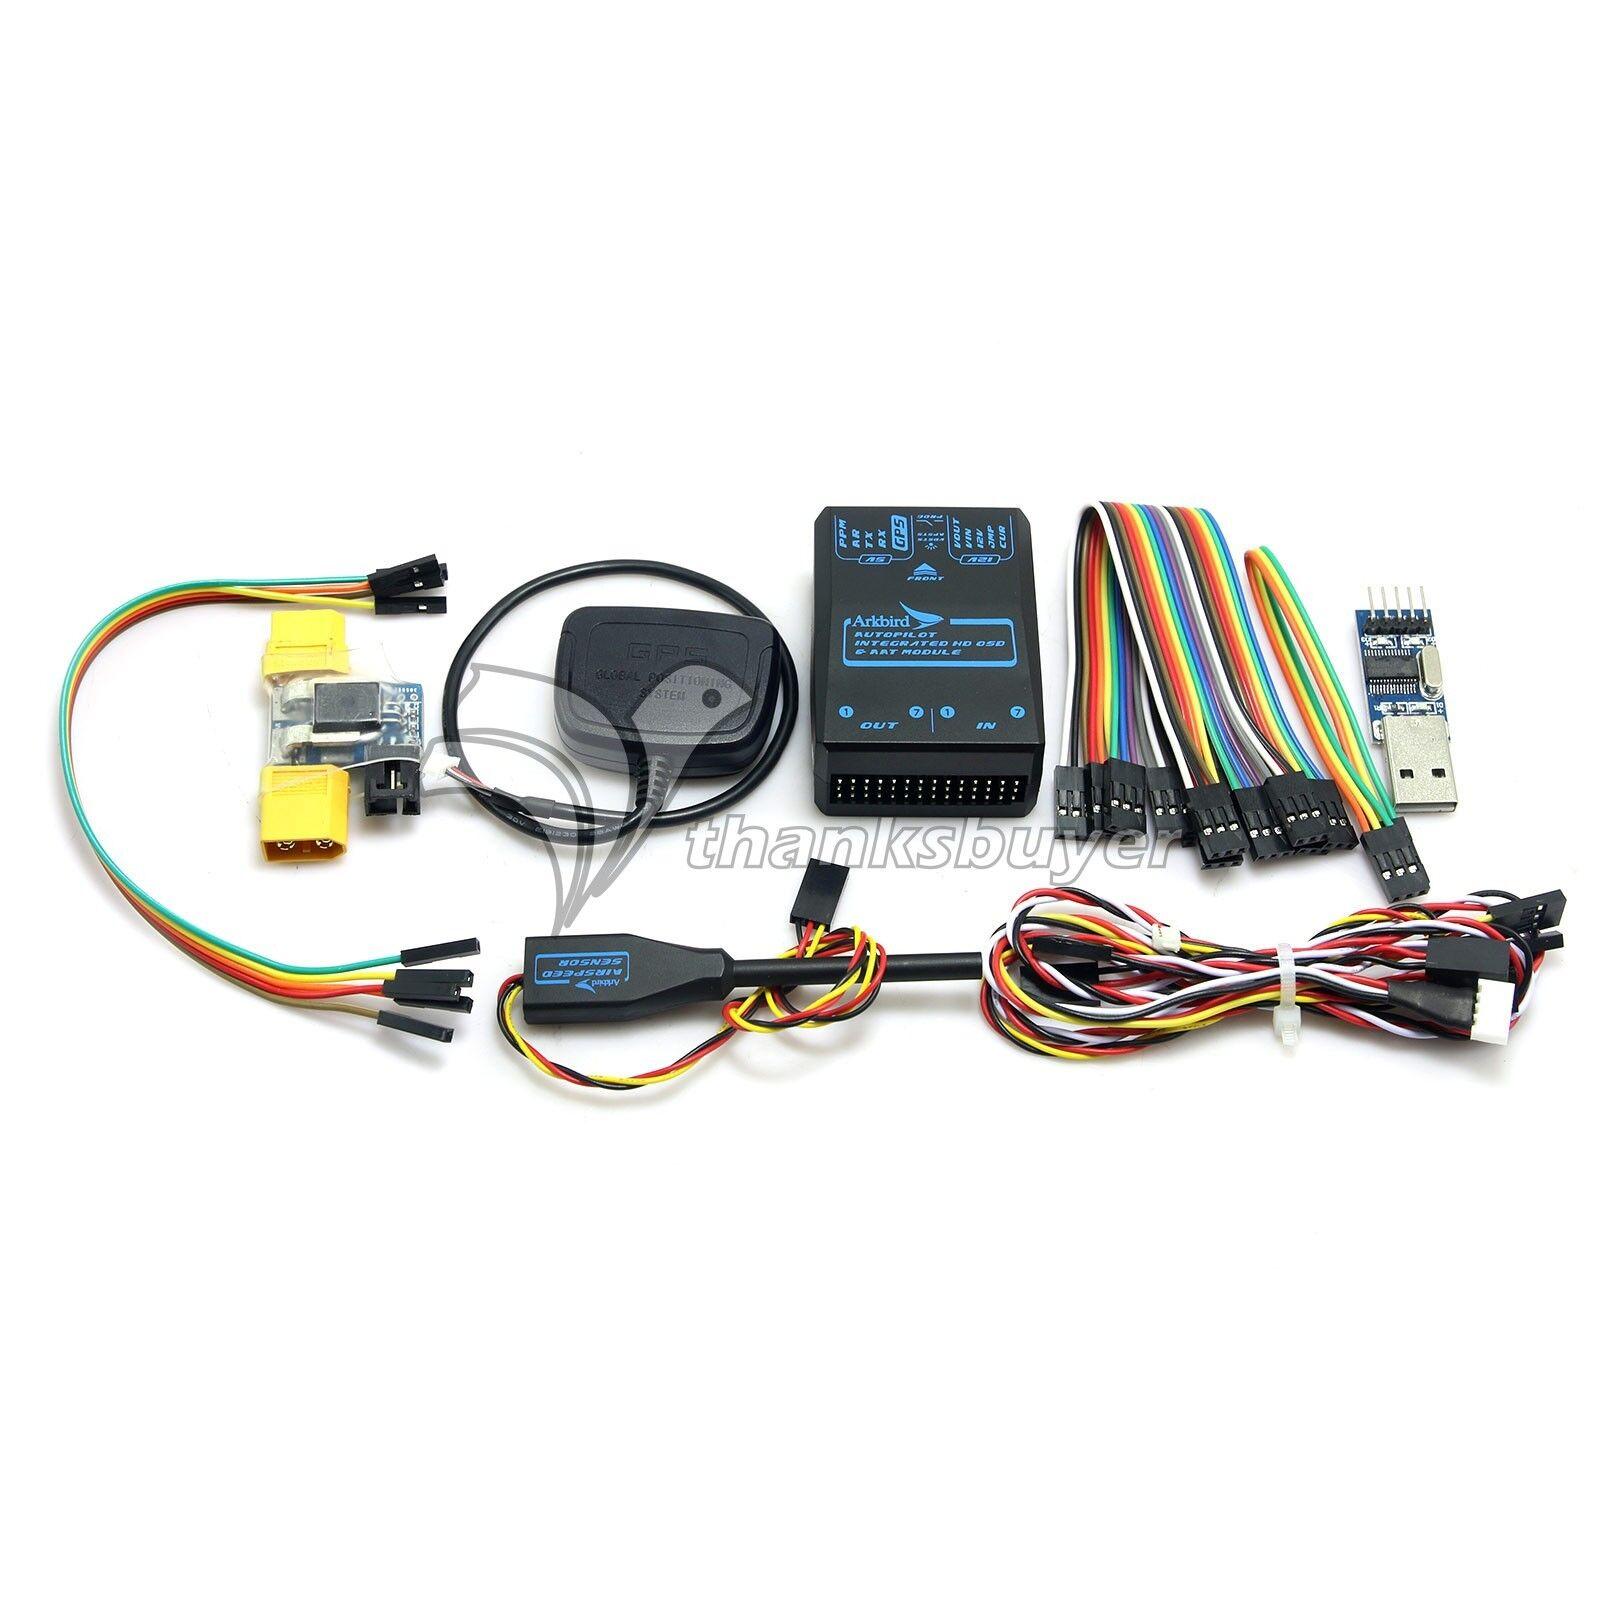 Control de vuelo ARKBIRD +M8N Gps + + medidor de corriente para Airspeed Medidor de ala fija vista en primera persona